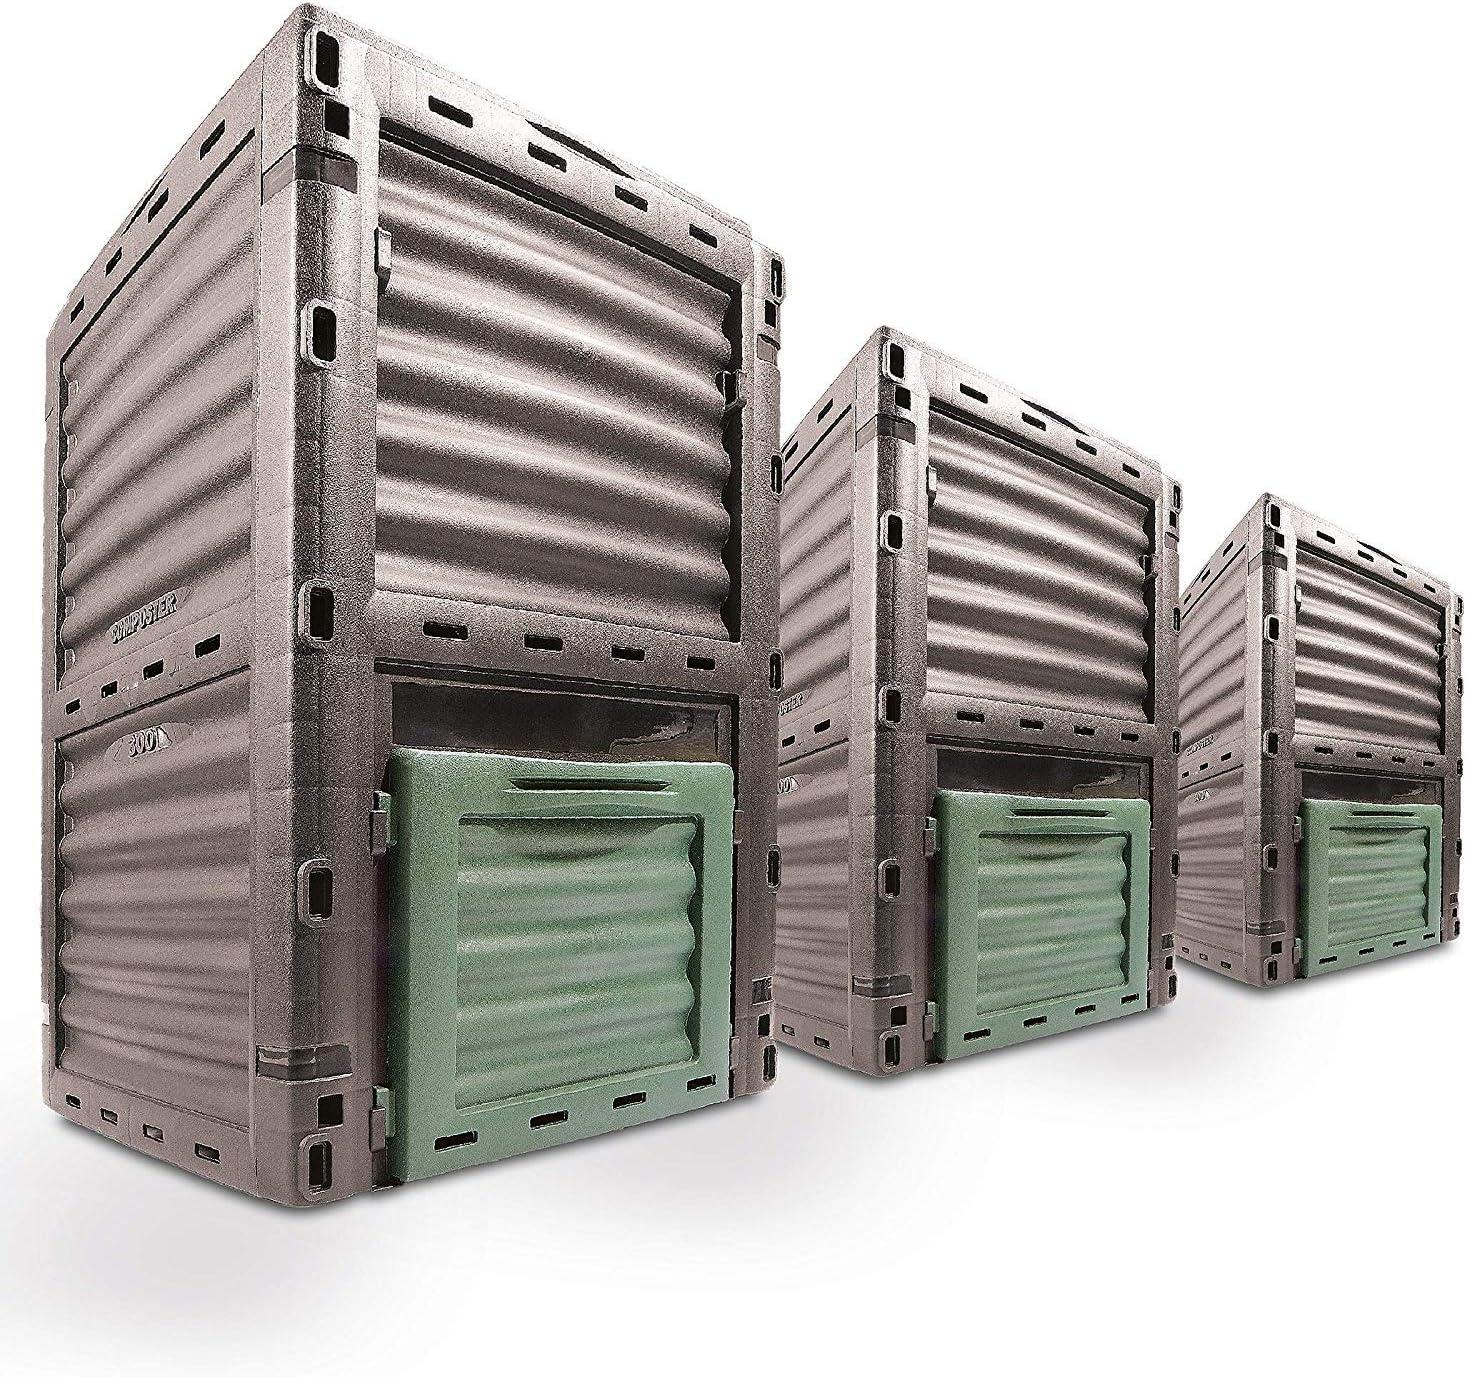 leicht 420 Liter gro/ßer Kompostbeh/älter Schaffen Sie fruchtbaren Boden mit einfacher Montage bel/üftete Kompostbox f/ür den Au/ßenbereich D.F Omer Garten-Komposter aus recyceltem Kunststoff